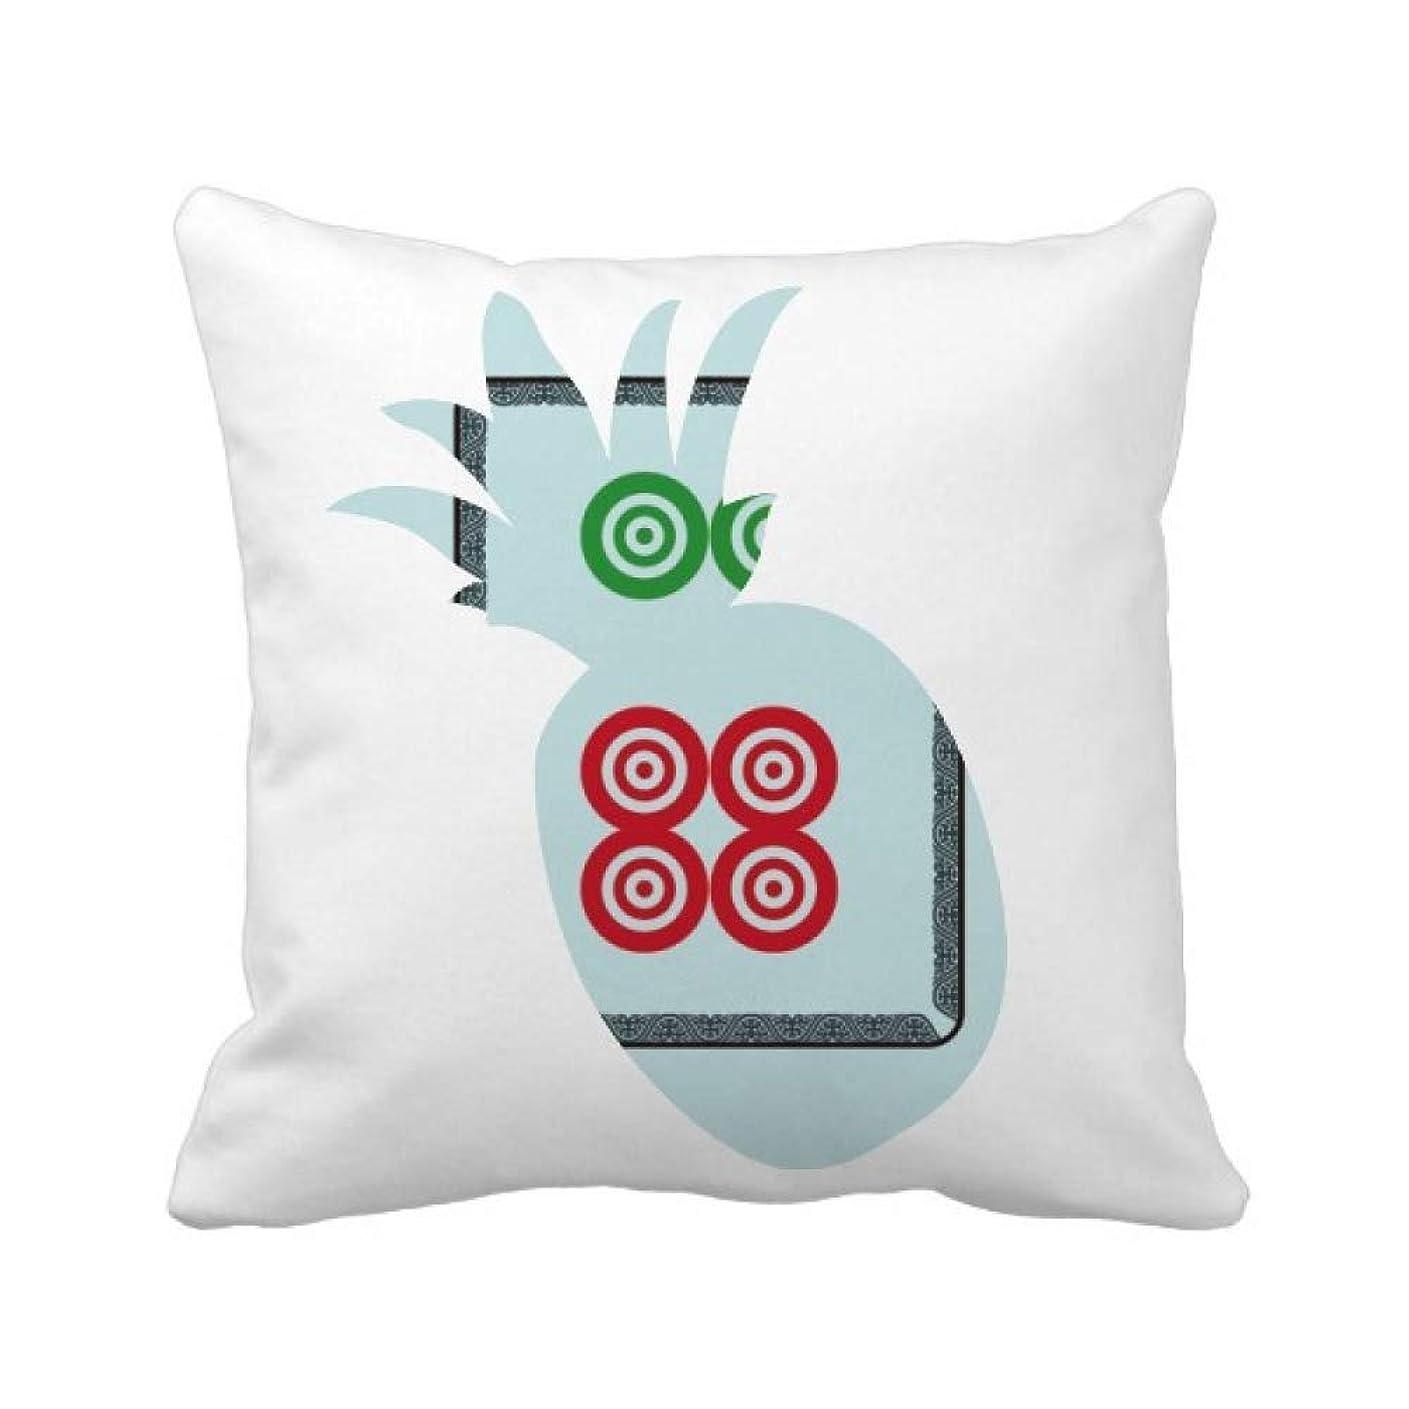 寄生虫辞任主に麻雀サークルドット6タイルパターン パイナップル枕カバー正方形を投げる 50cm x 50cm